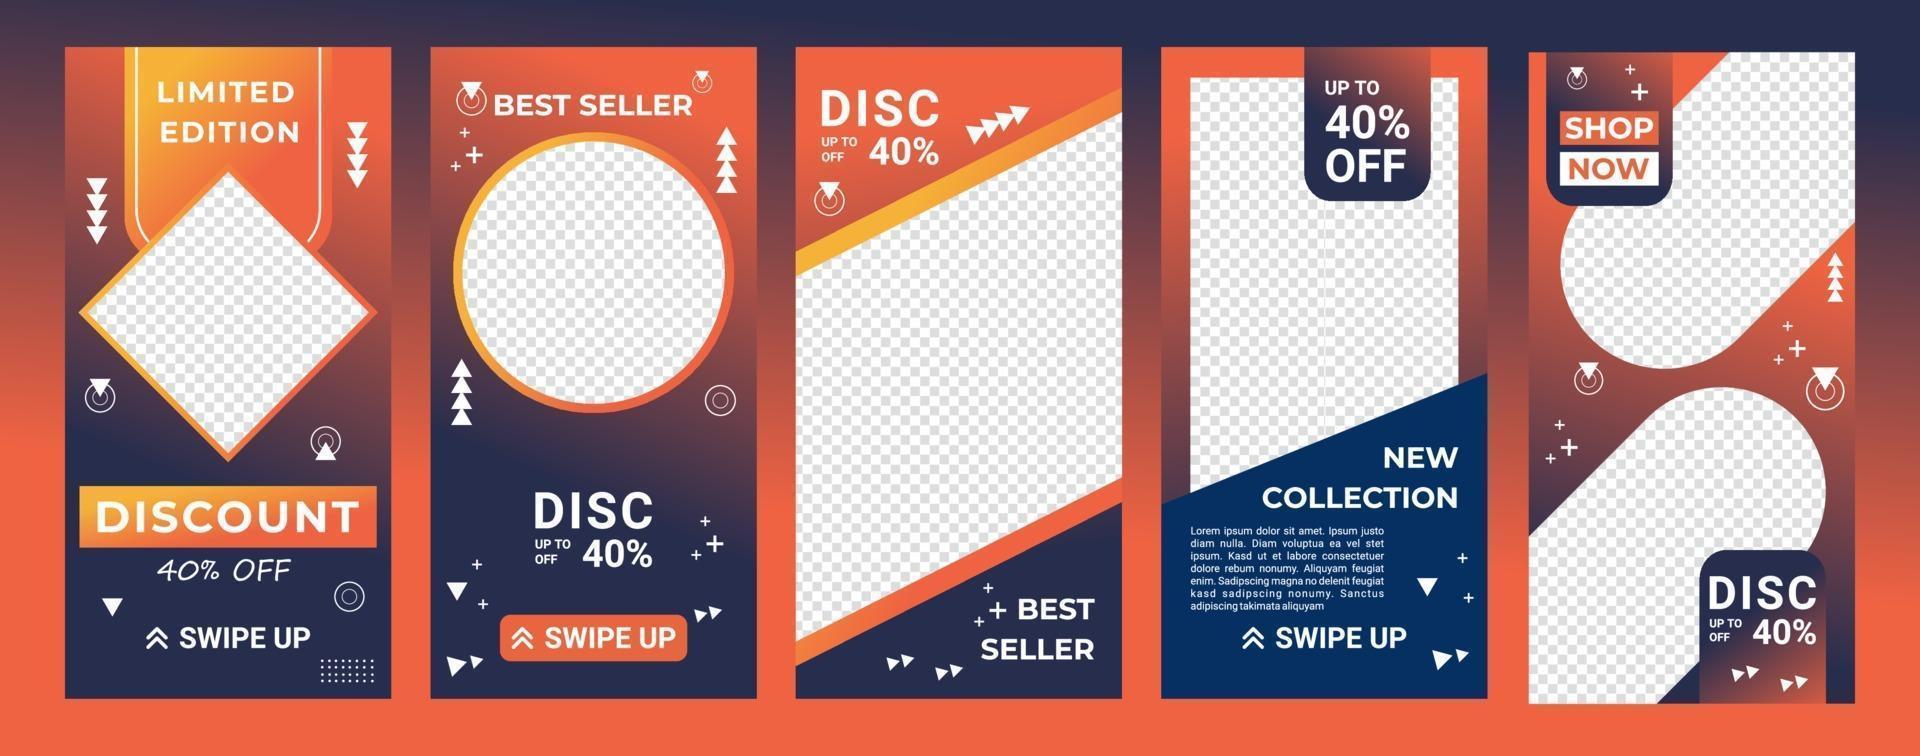 arrière-plans de conception pour les médias sociaux en dégradé de couleur orange et bleu marine. modèle modifiable pour les histoires, les modèles ig et les bannières Web. conception abstraite pour votre produit de vente. illustration vectorielle vecteur